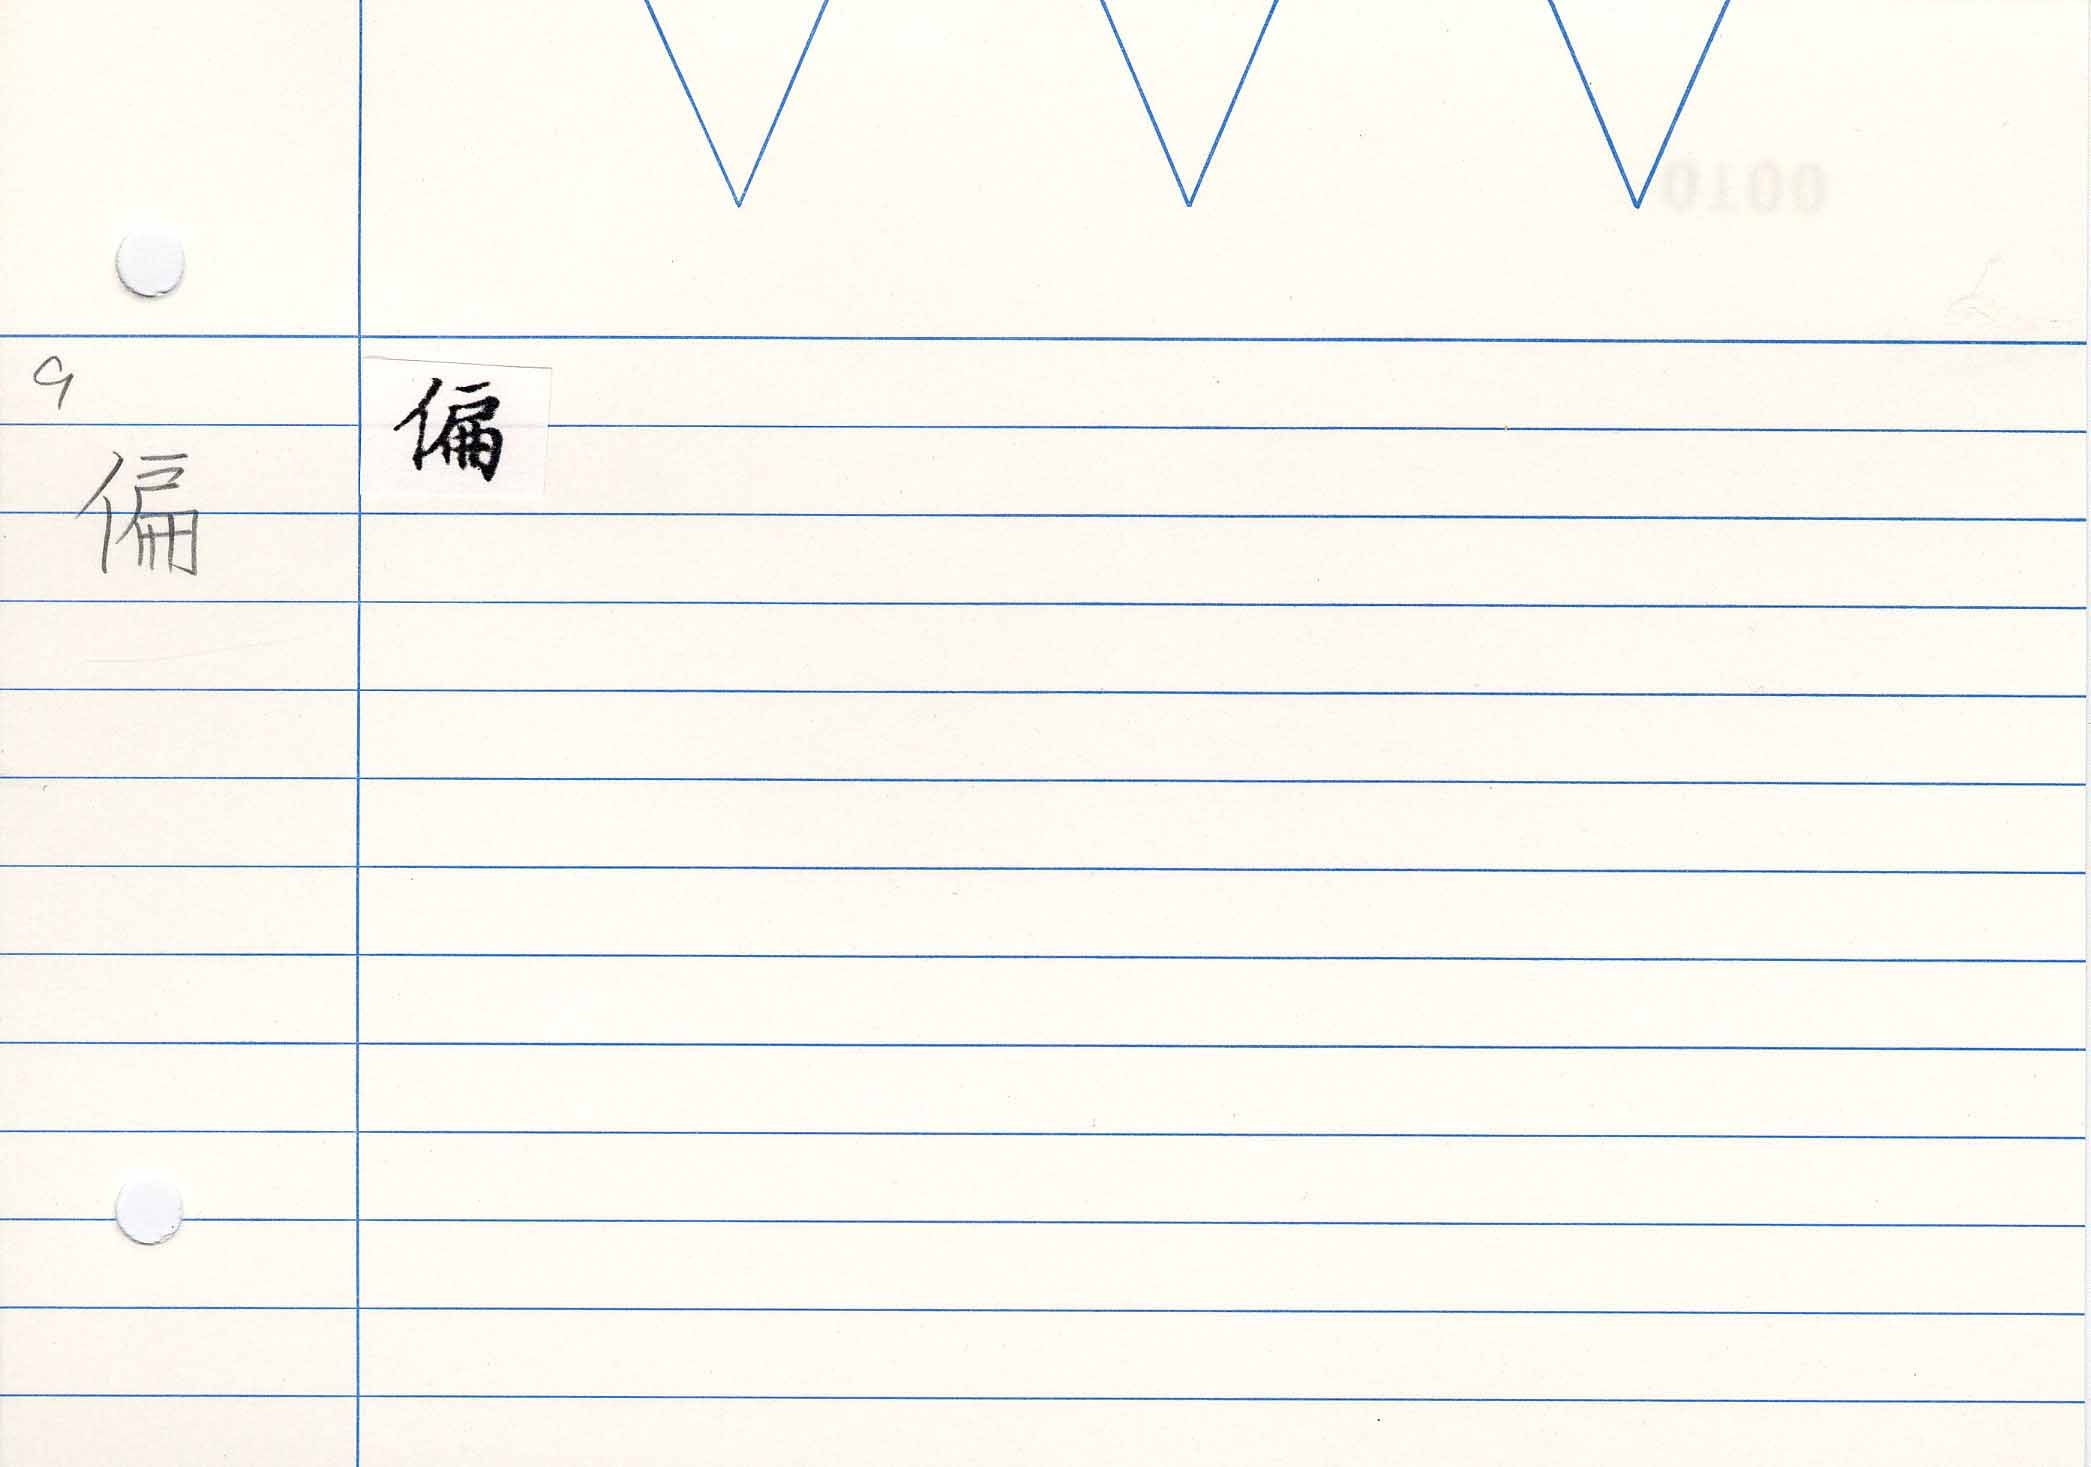 13_妙法蓮華經卷八(S.2577)/cards/0010.jpg